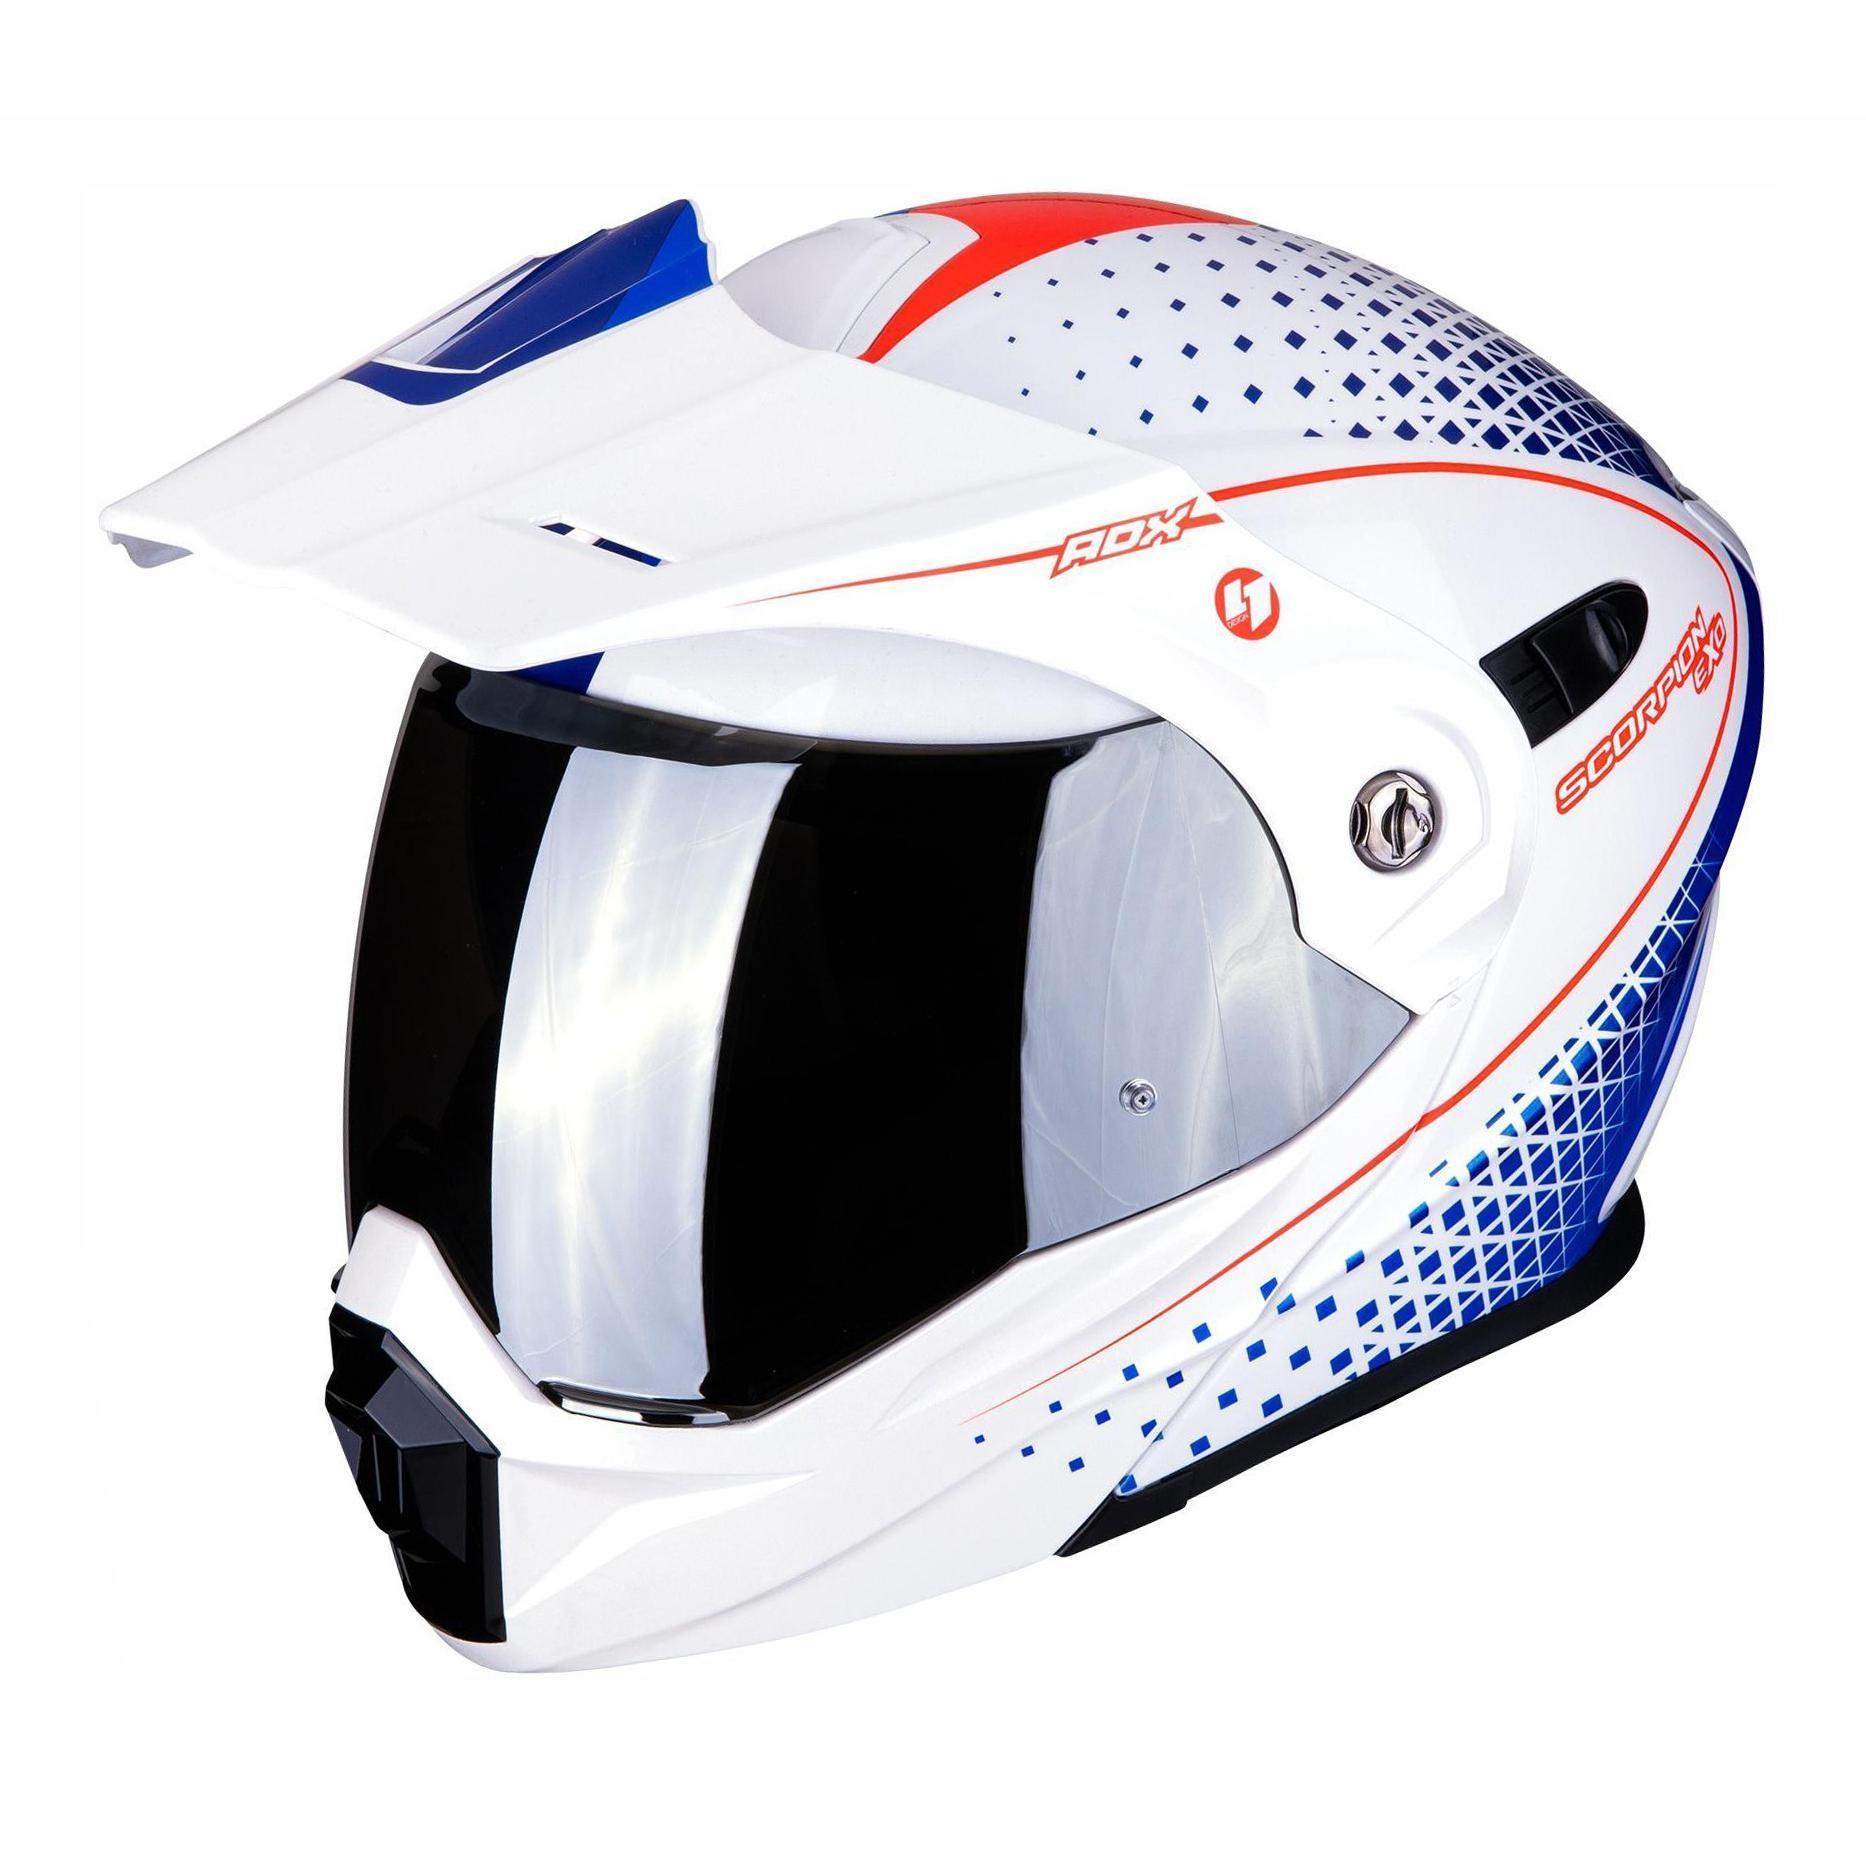 SCORPION Casque moto ADX 1 SOLID Blanc perle XS Blanc